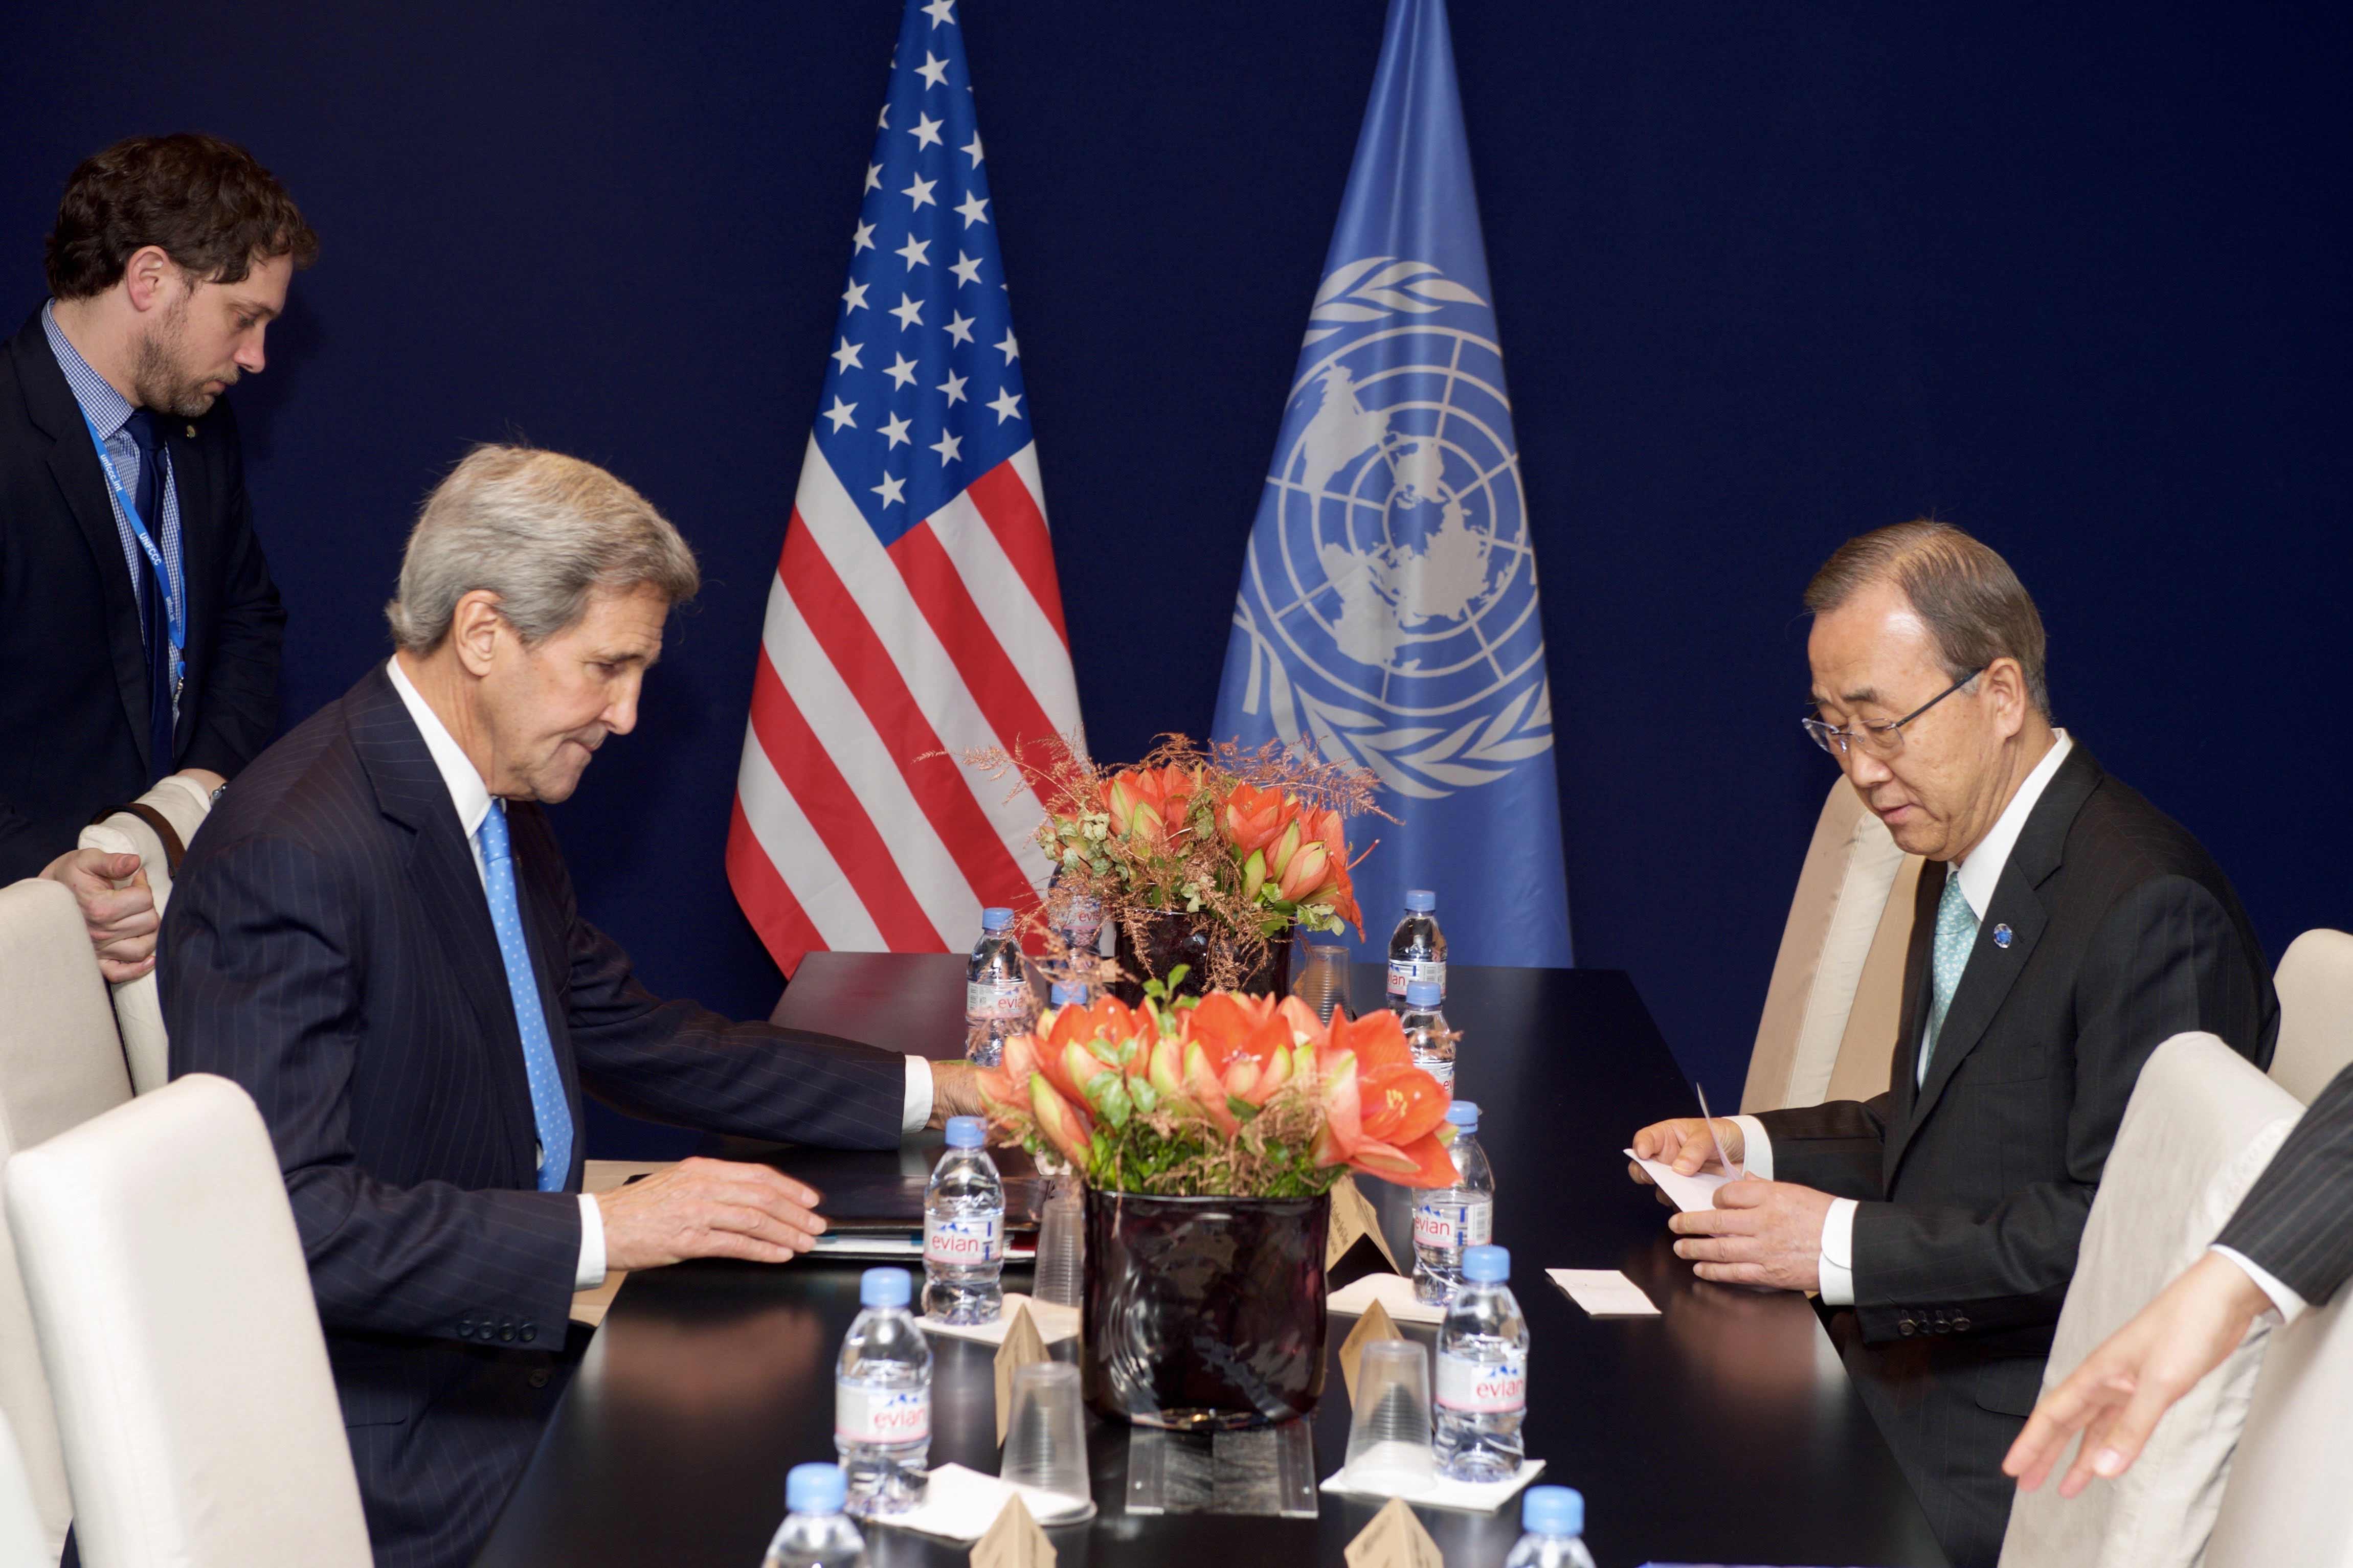 Segretario di Stato americano Kerry con il Segretario delle Nazioni Unite Ban al COP21.